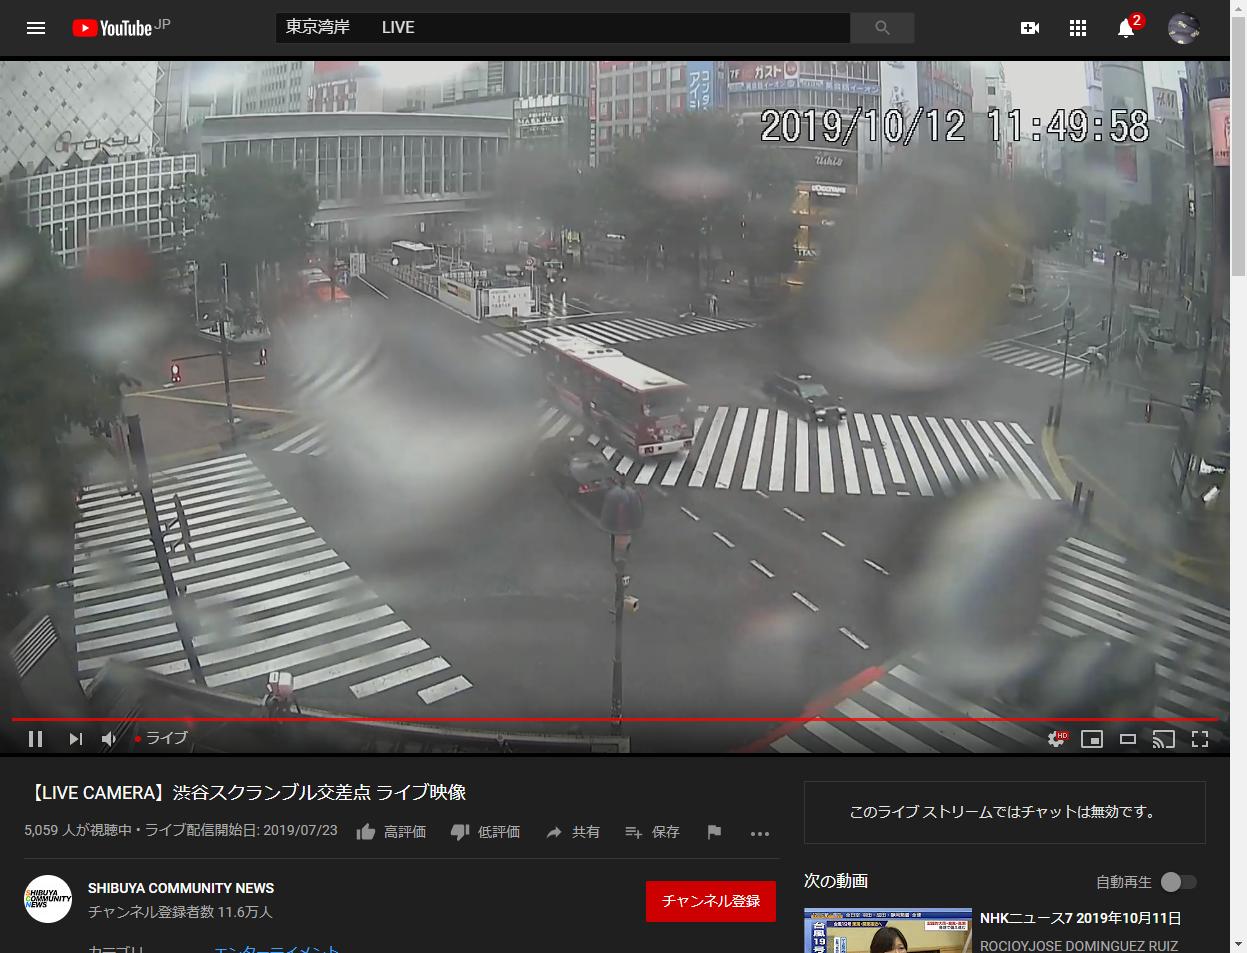 台風のときのライブカメラ渋谷